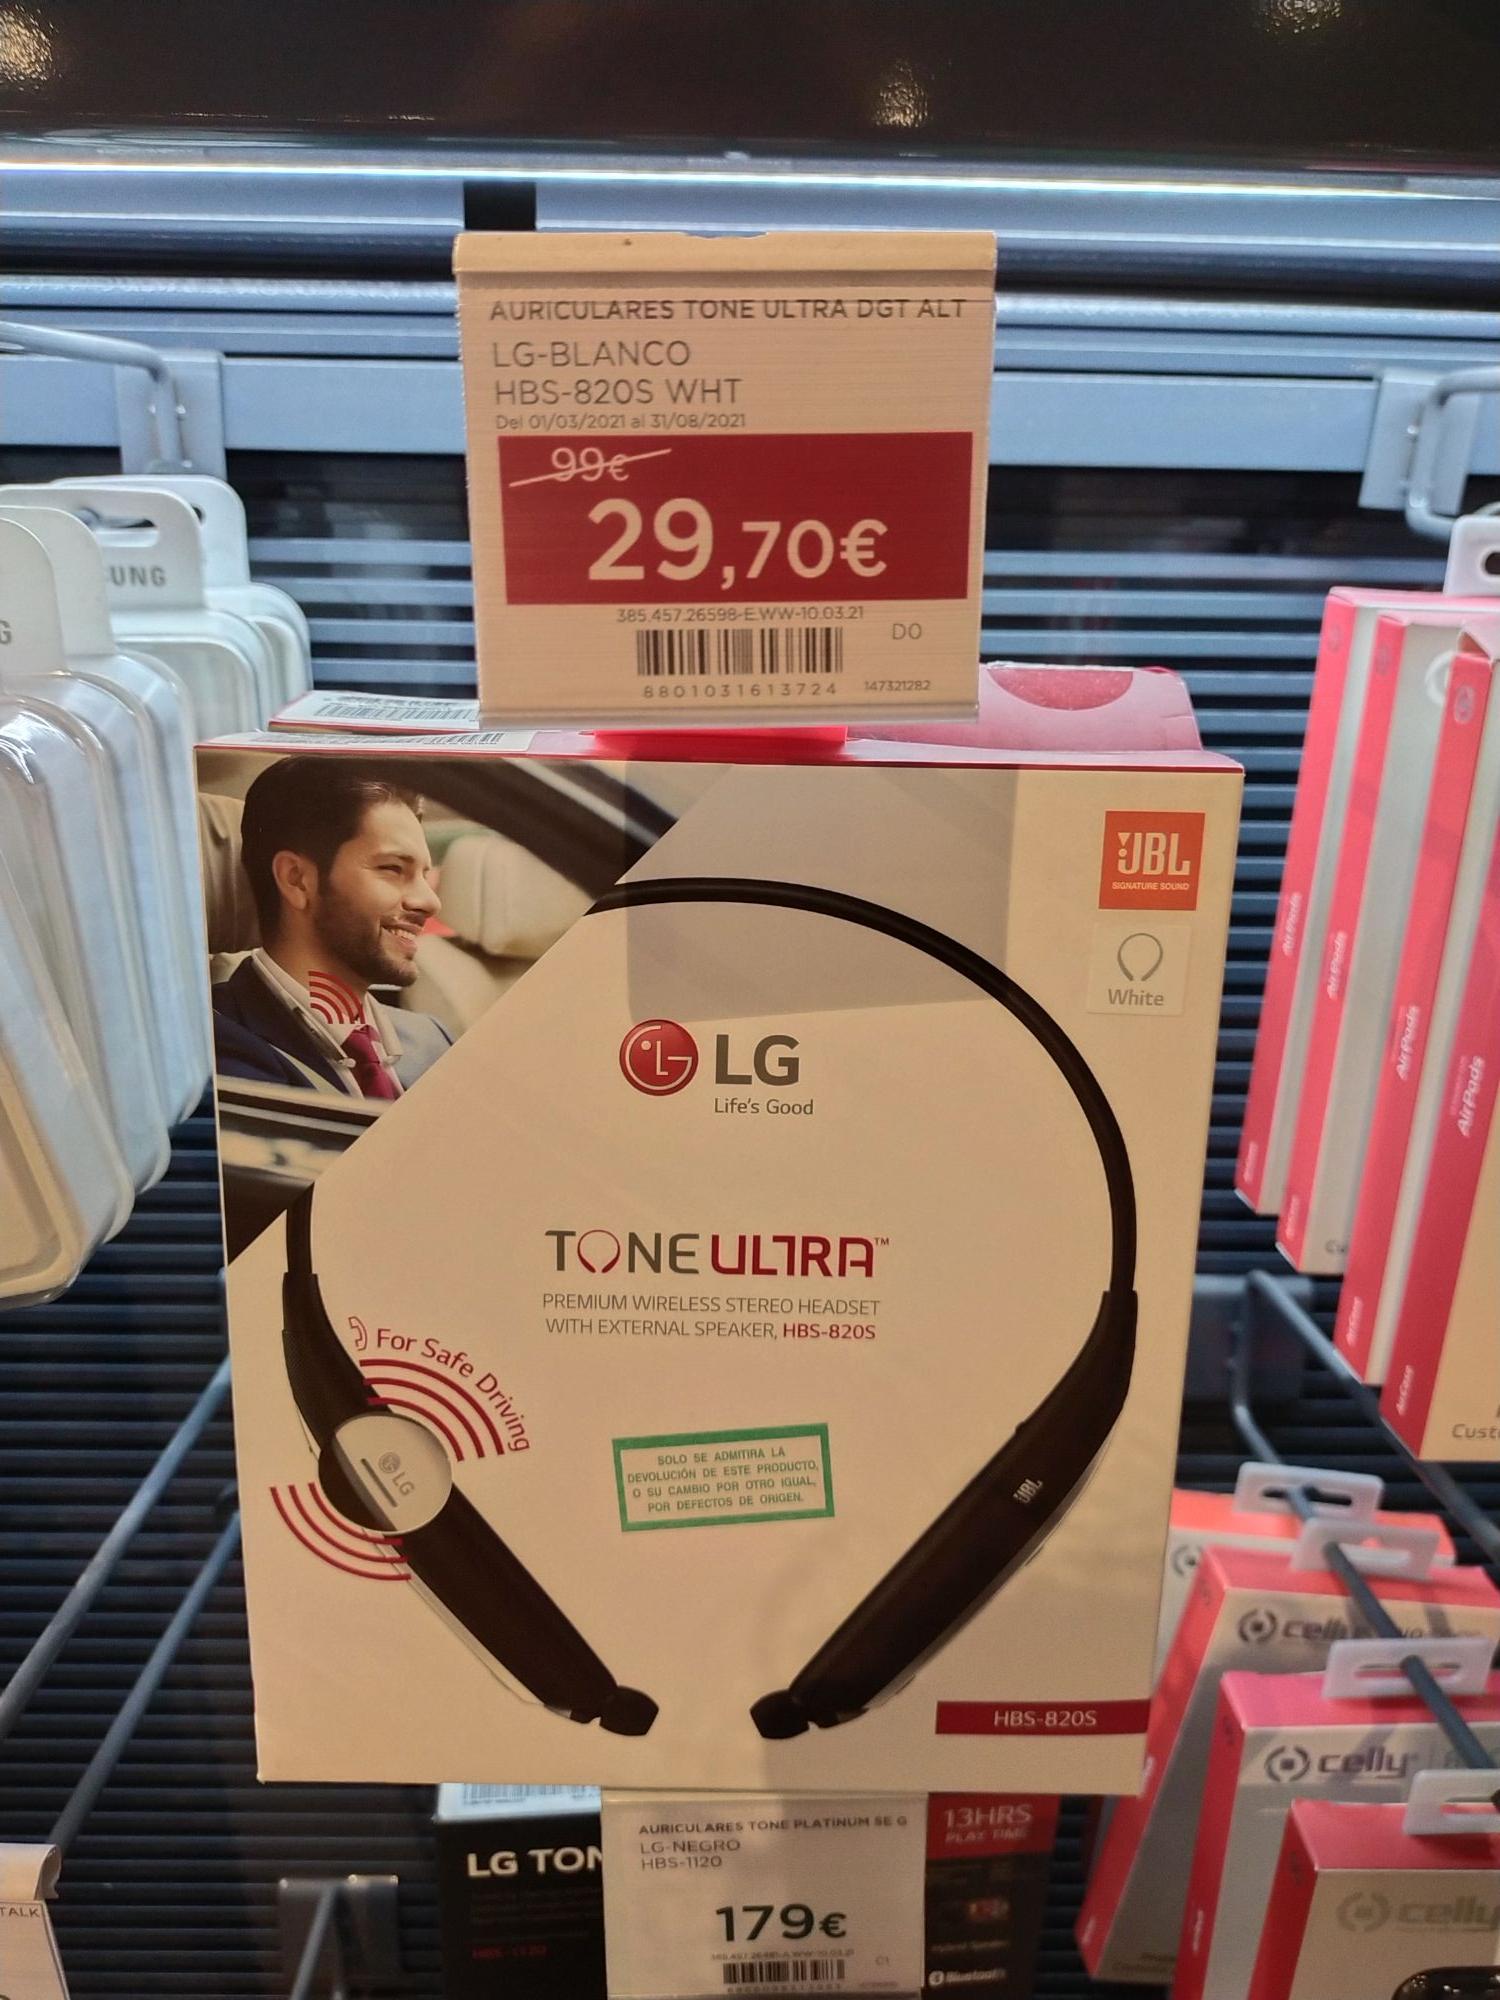 Auriculares LG Tone Ultra DGT en Hipercor Valencia